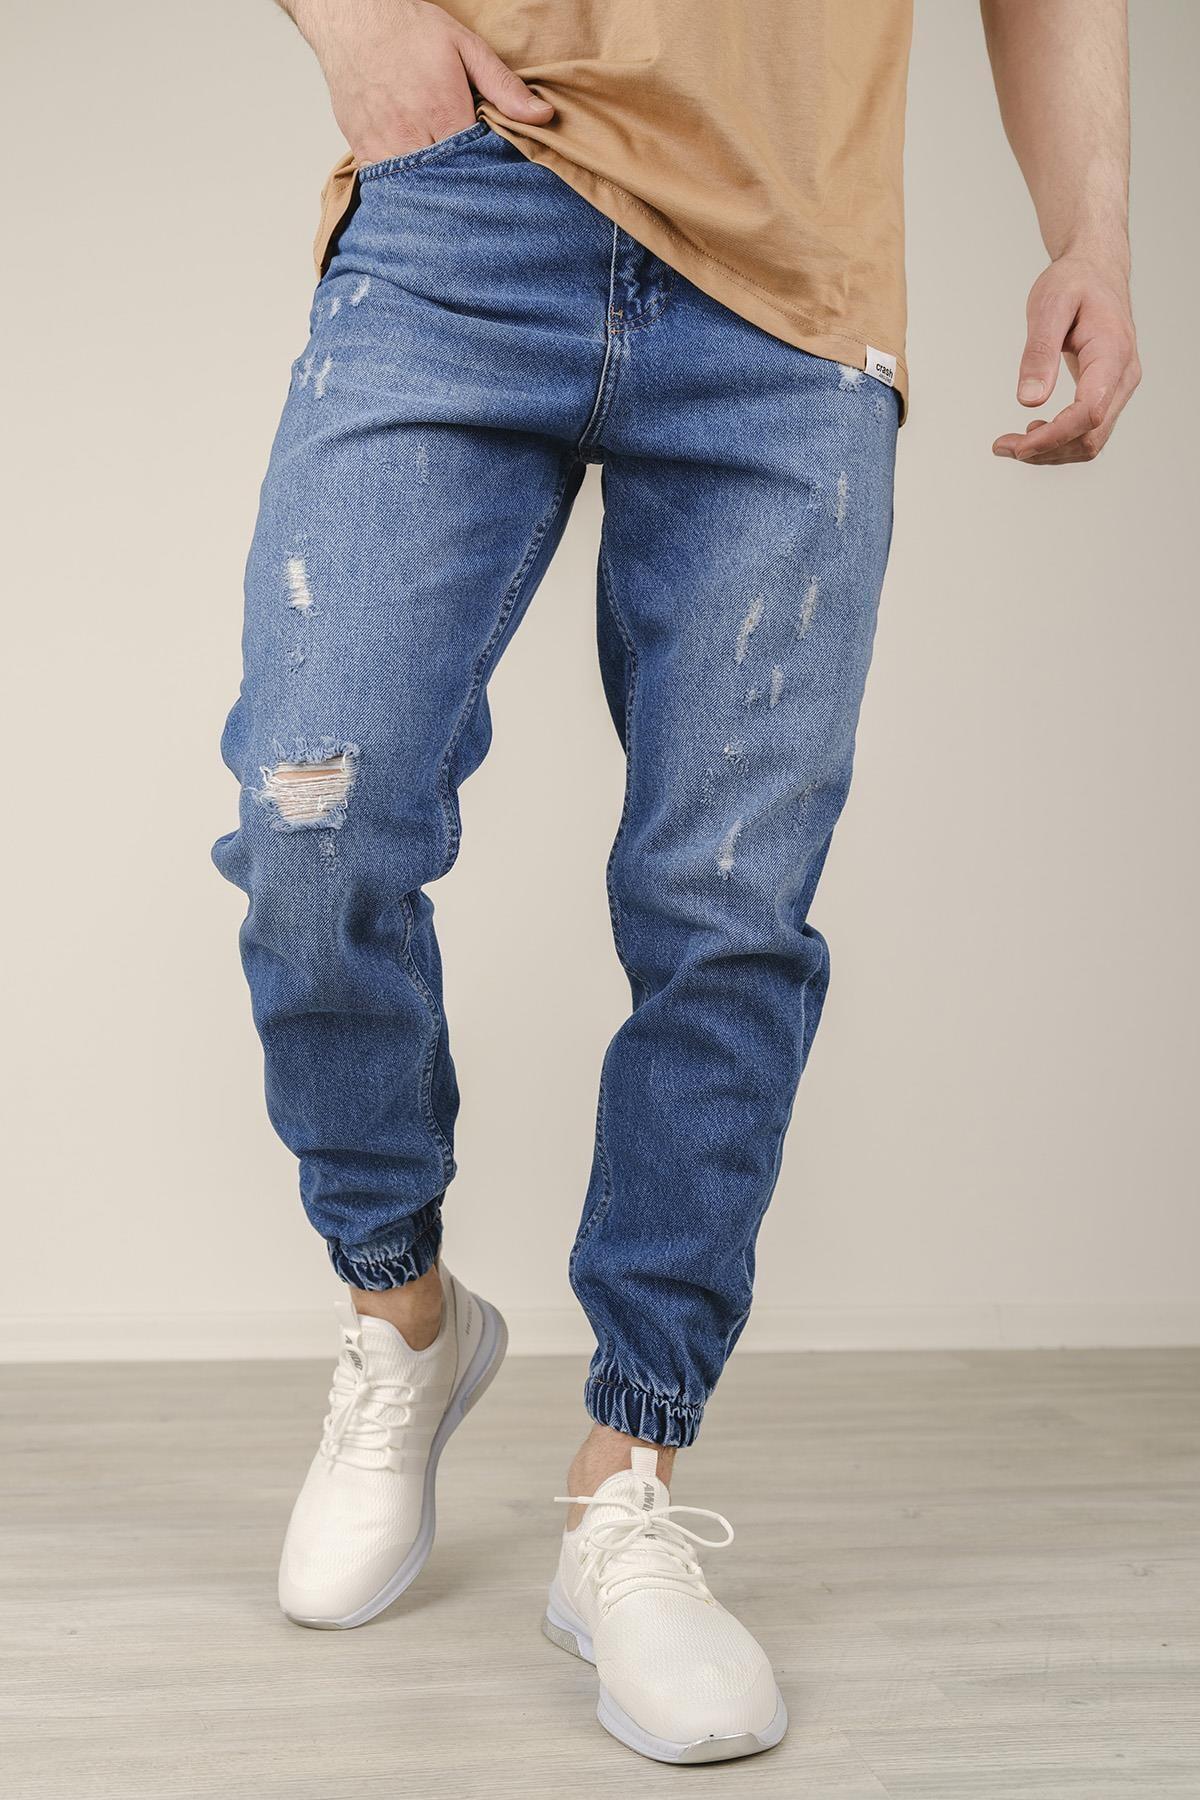 Reax 7003 Yırtıklı Paçası Lastikli Slim Fit Erkek Jean Pantolon